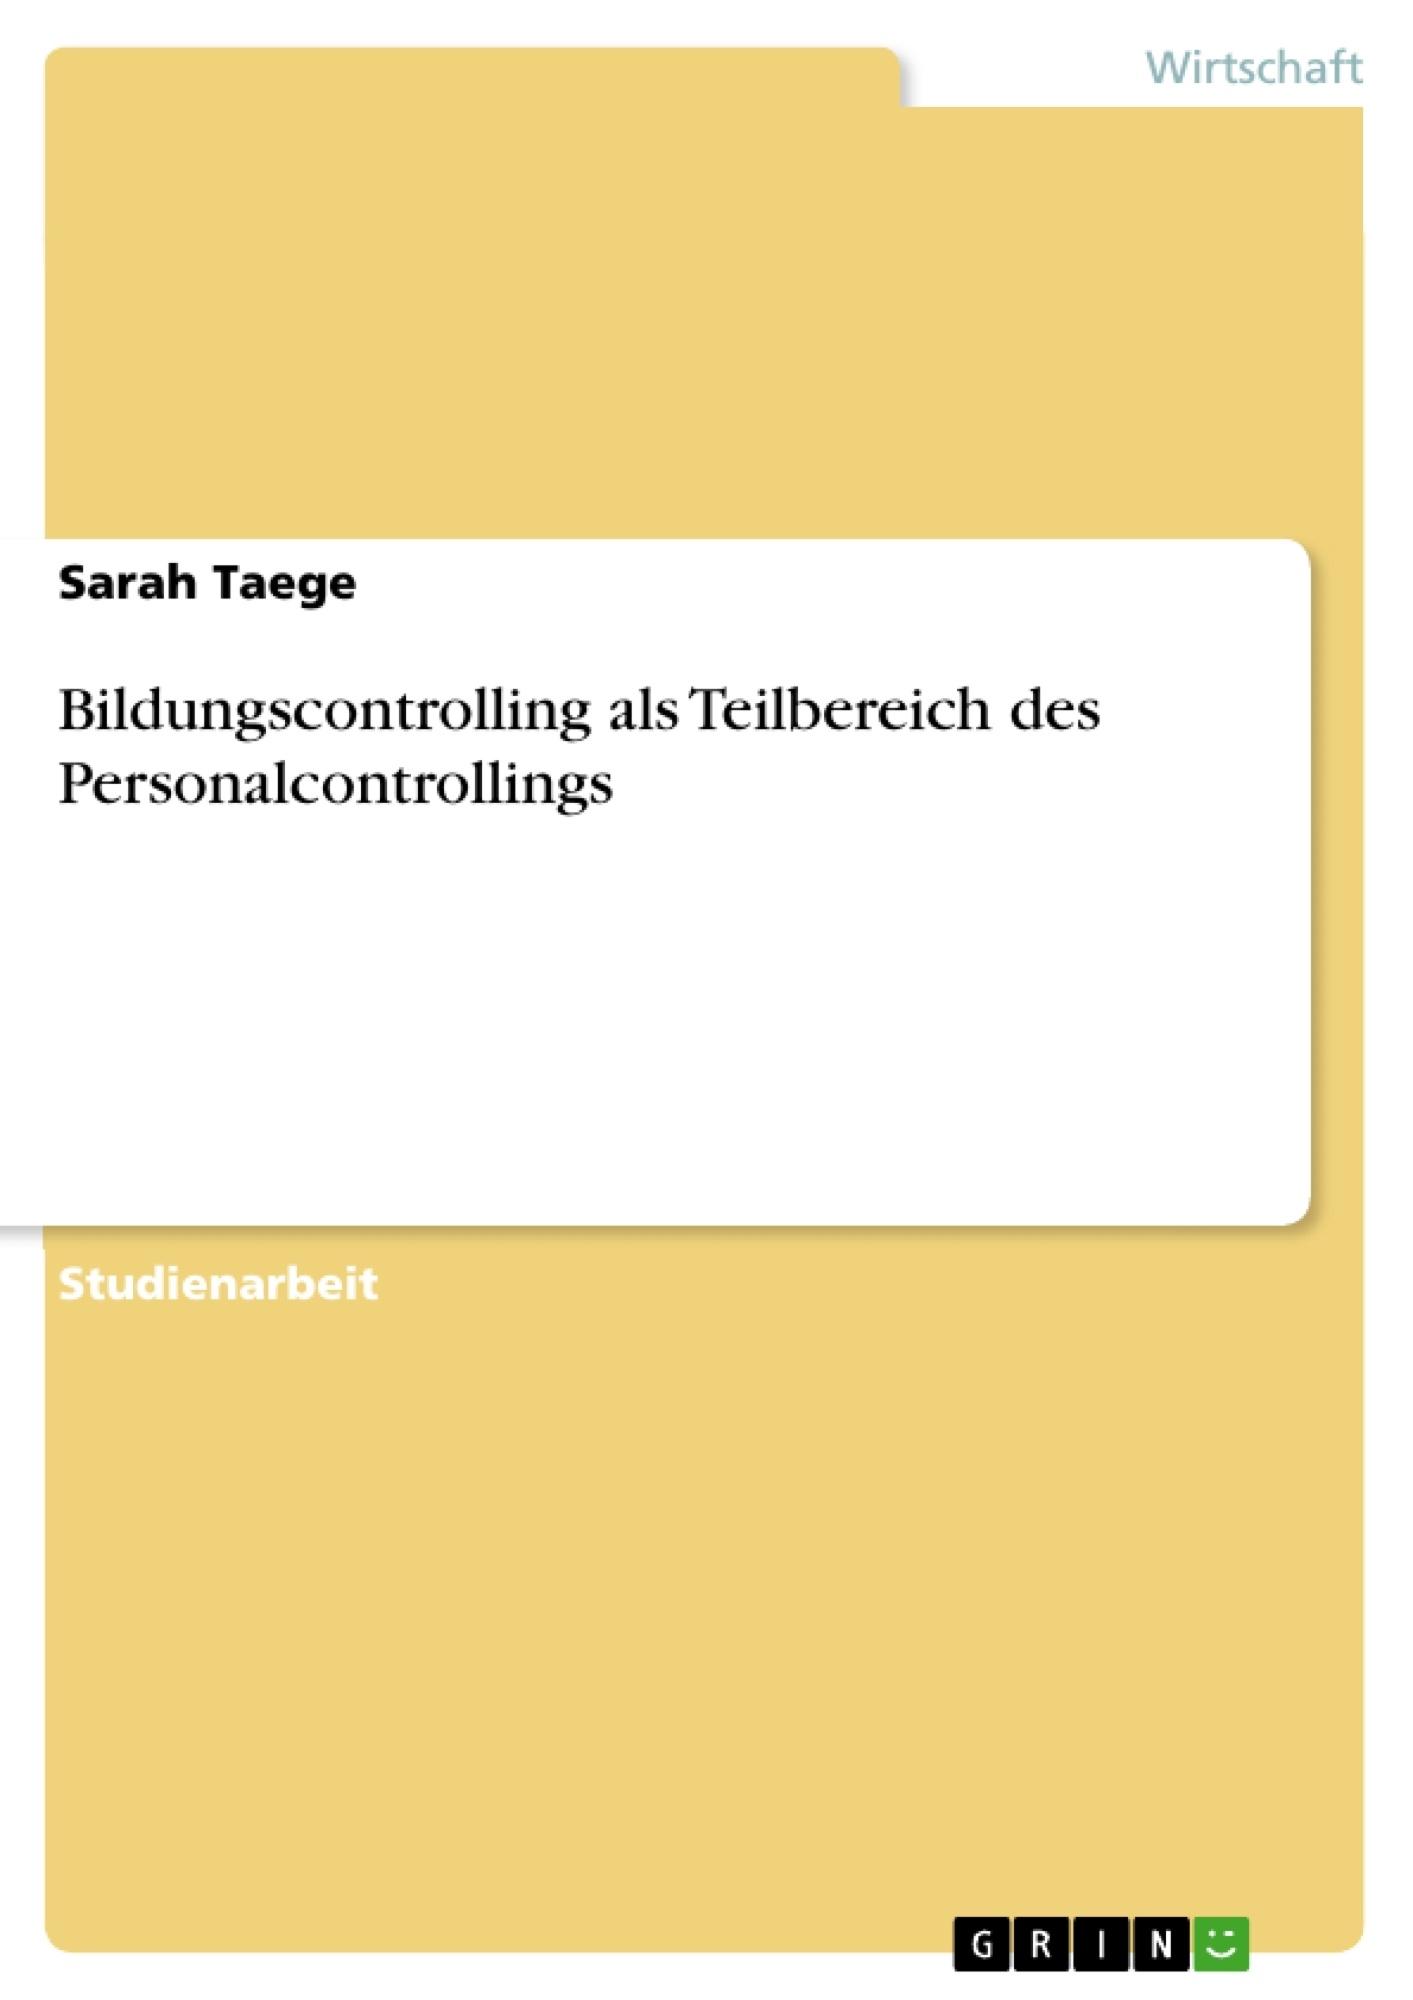 Titel: Bildungscontrolling als Teilbereich des Personalcontrollings